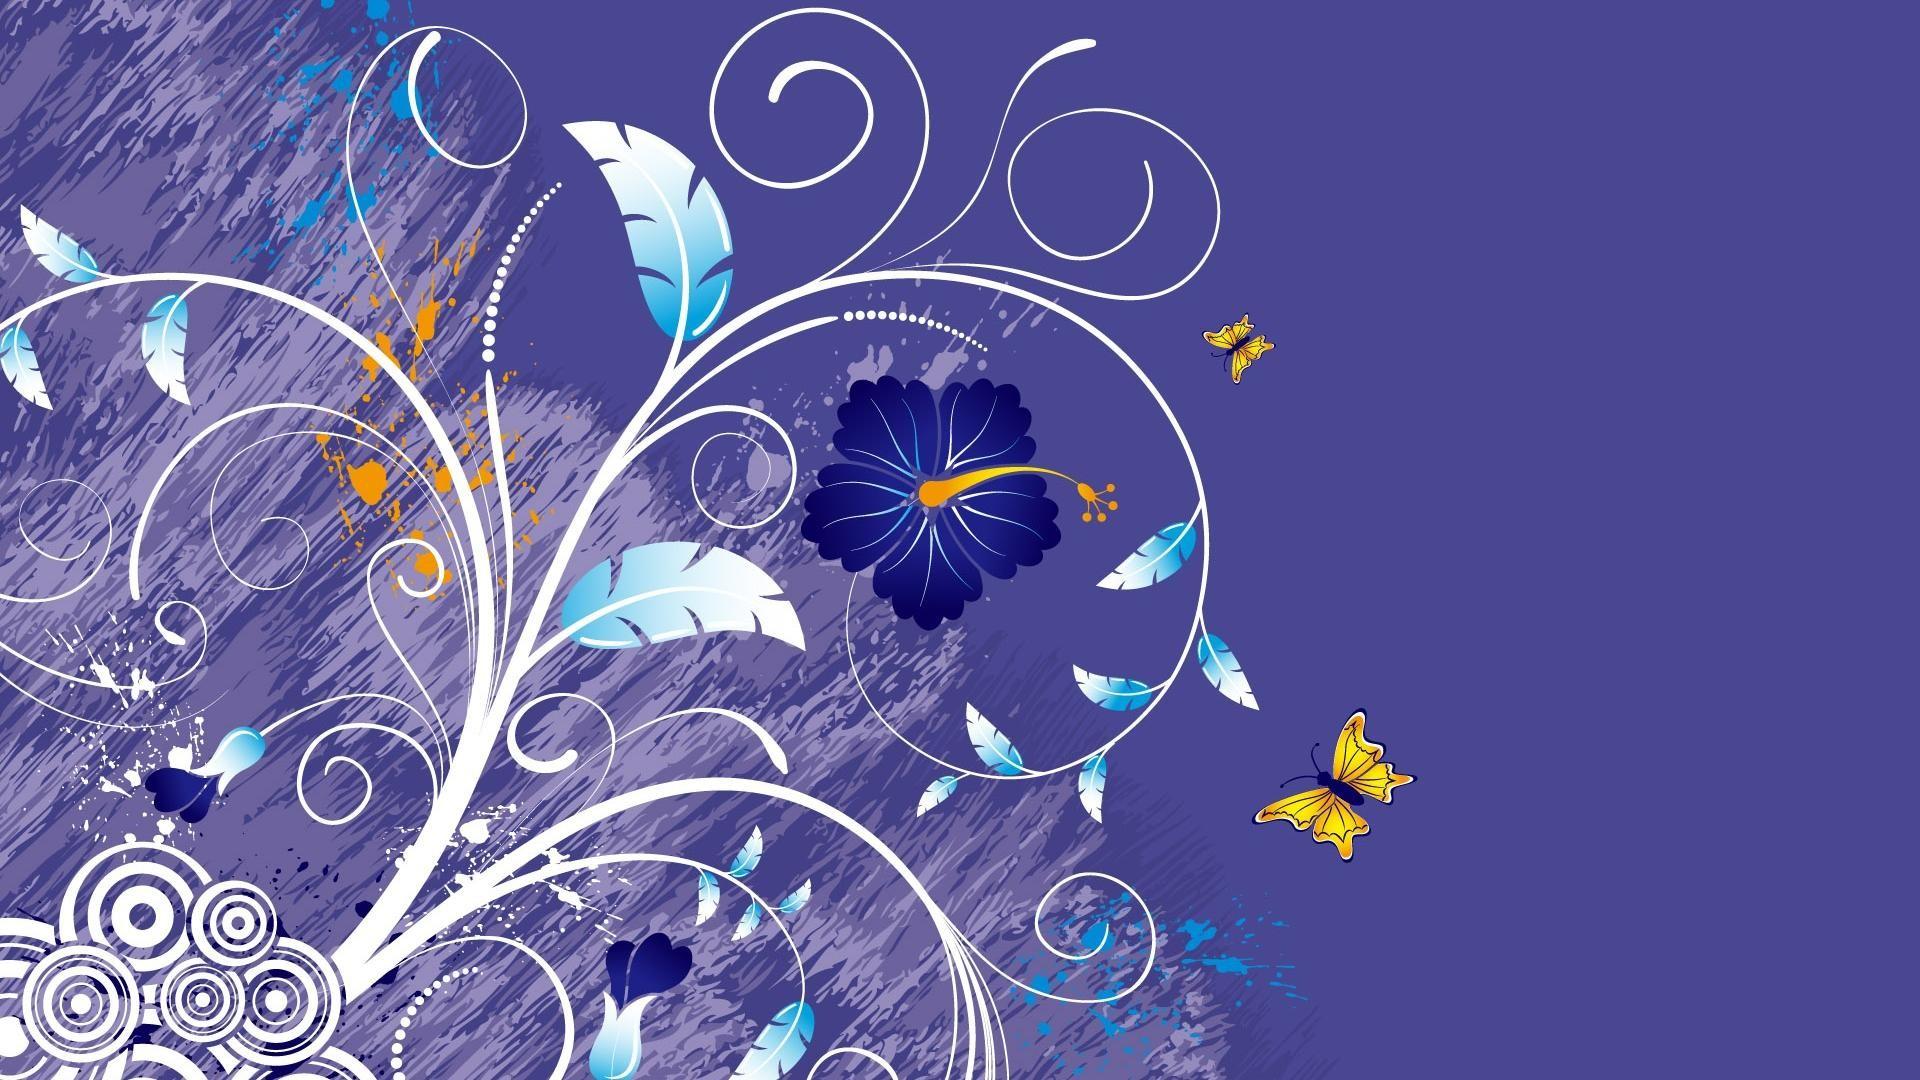 beautiful flower wallpaper × Beautiful Flowers Wallpapers | HD Wallpapers |  Pinterest | Beautiful flowers wallpapers and Wallpaper